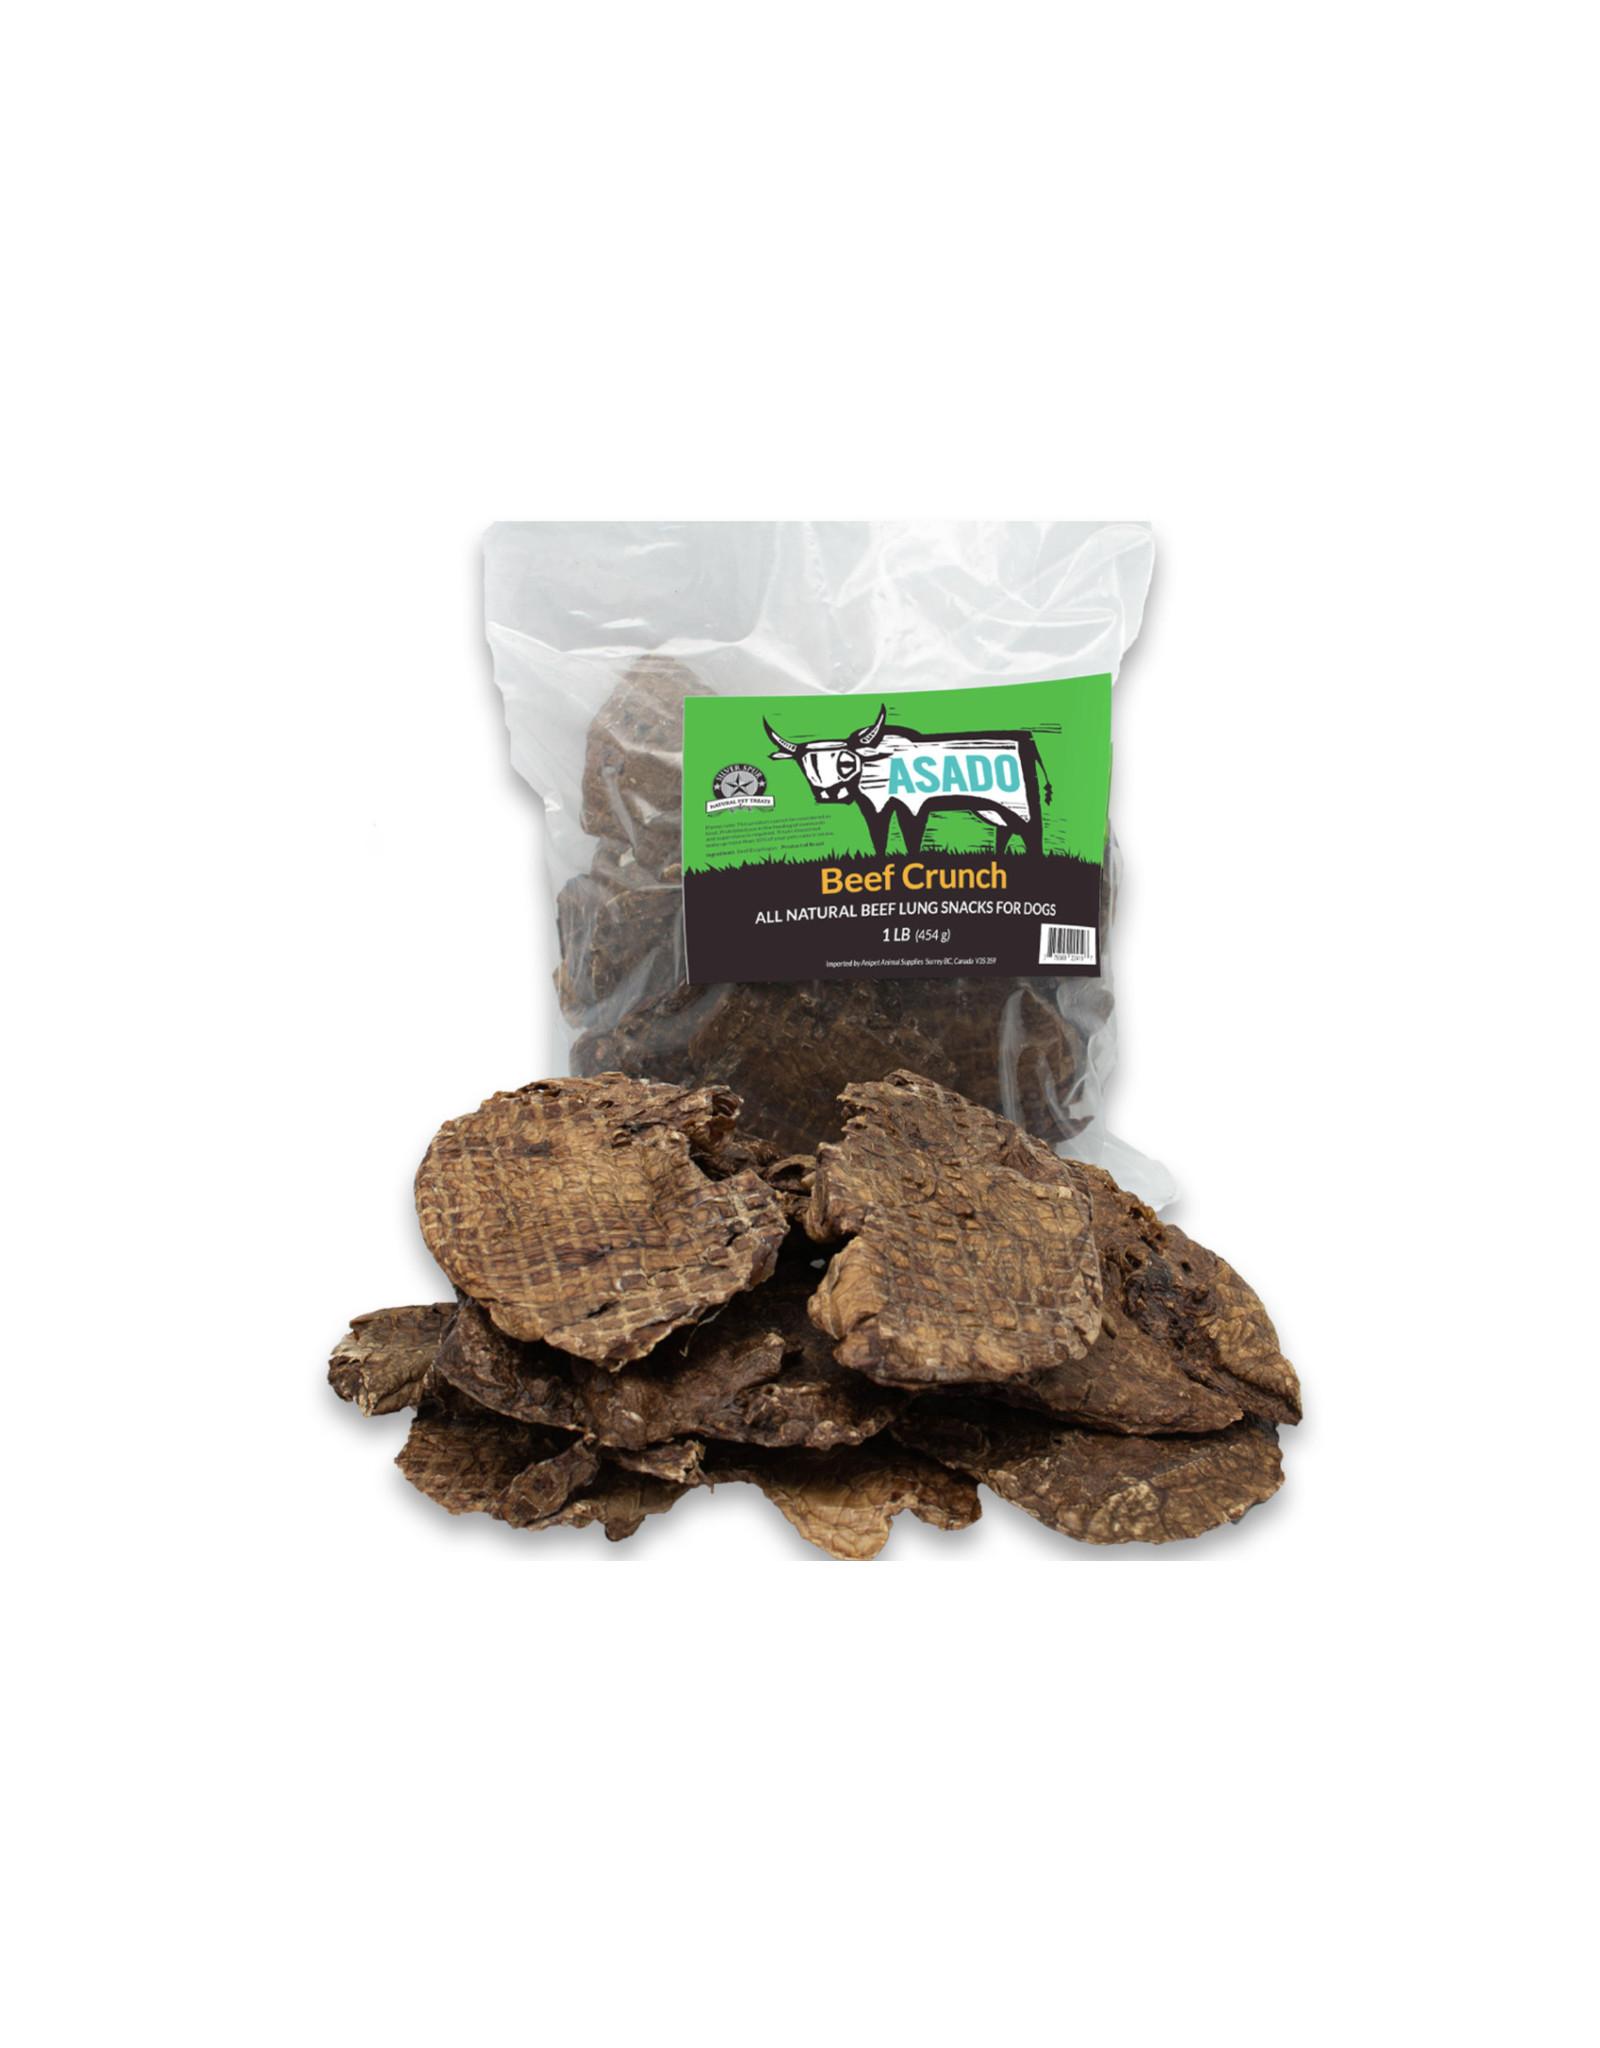 ASADO ASADO Beef Crunch Lung 1LB